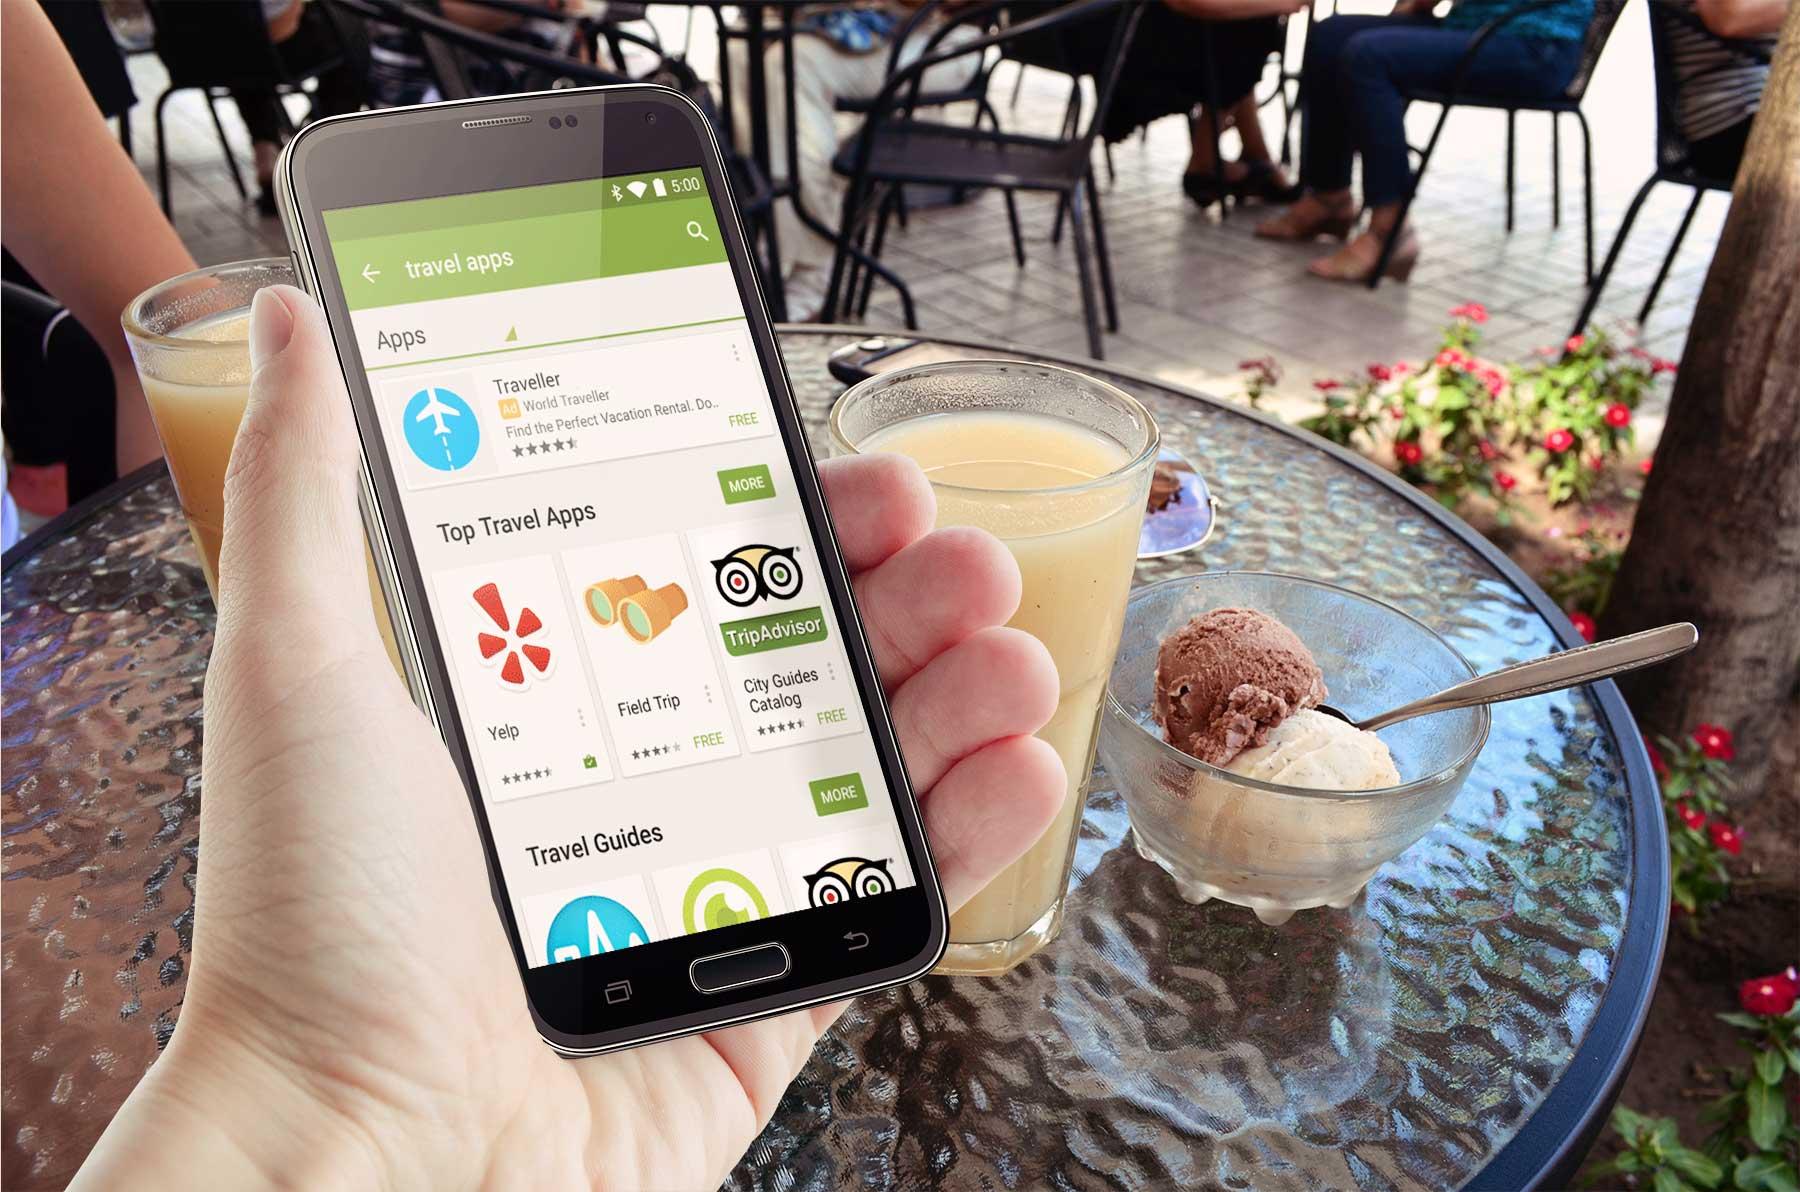 In Kürze wird es im Google Play Store auch Werbung für Android Apps geben - Bildquelle: Eigene Darstellung / Google